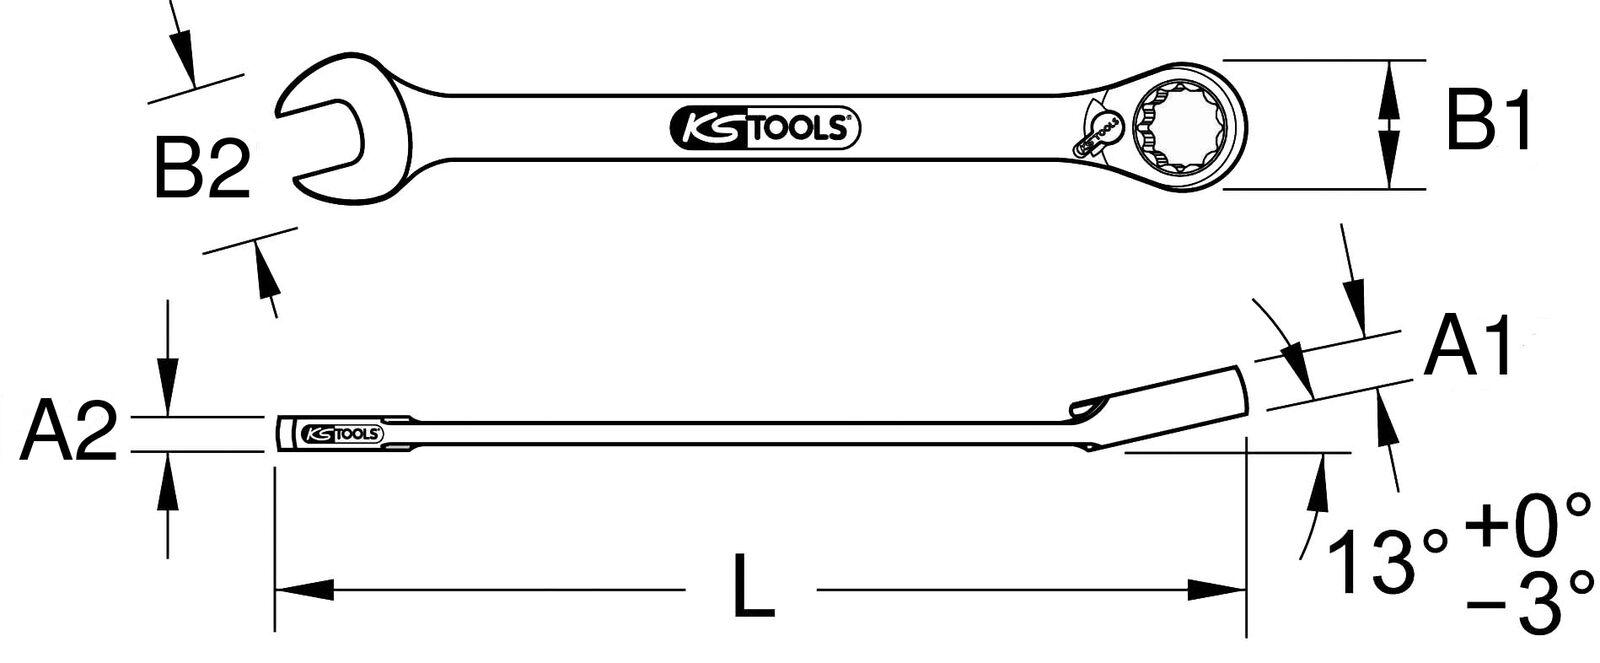 bitcircuit Multifunktions-S/äbels/äge Ohne Bohrmaschine Ersatz-Bohrmaschine S/äbels/äge S/ägemaschine S/äge-Metallbohrwerkzeug Holz-Schneidbohrger/ät-Aufsatz